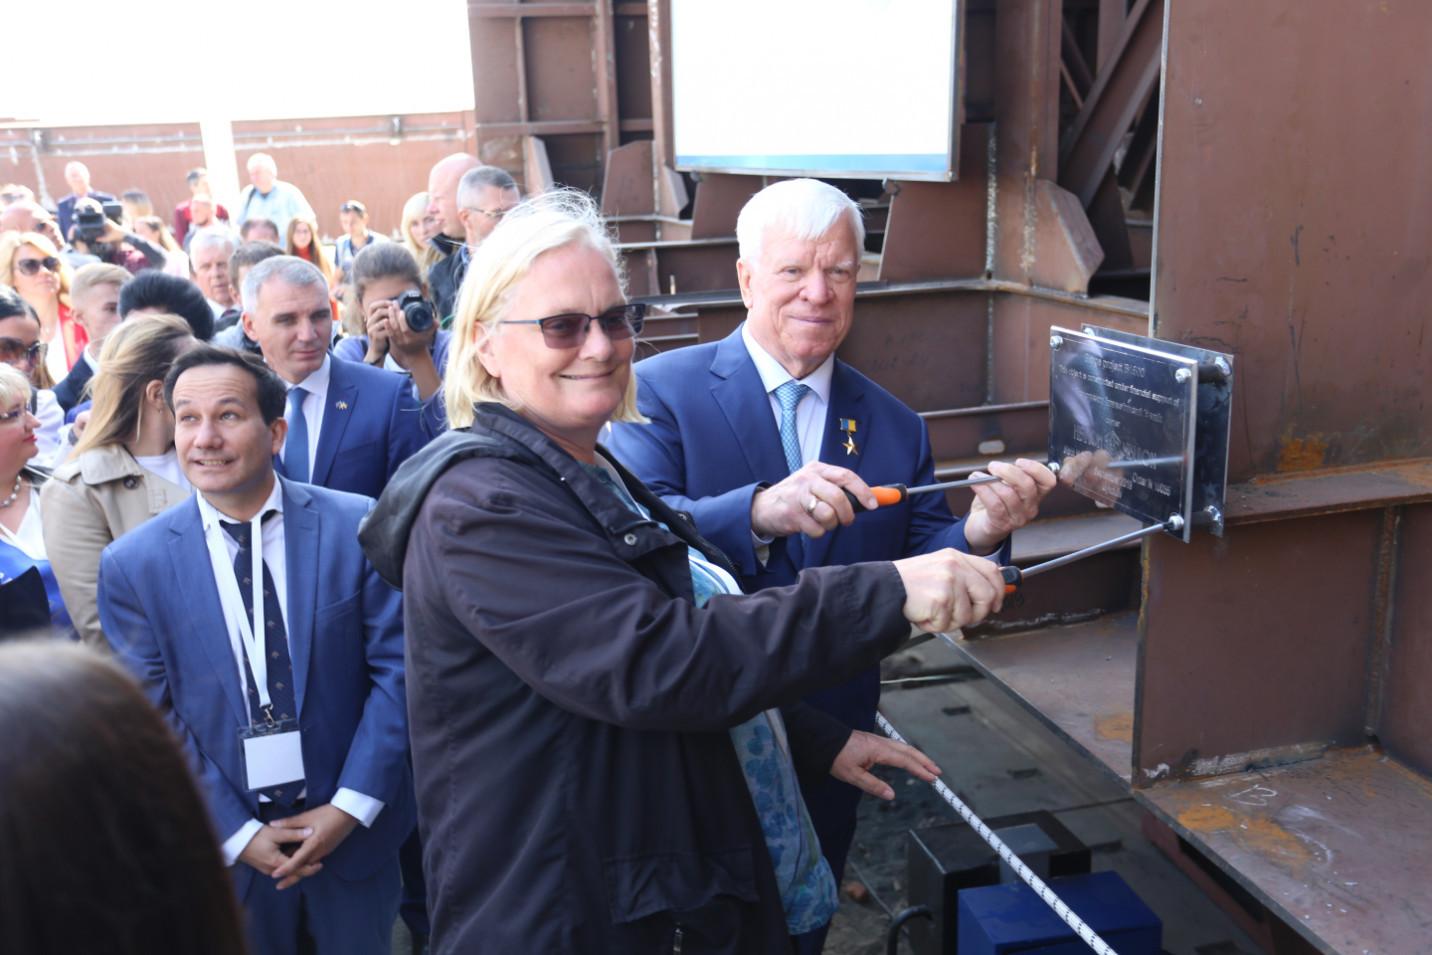 Урочиста закладка першої секції несамохідного судна-майданчика відкритого типу пр. В1500 на міжнародному форумі TRANS EXPO ODESA MYKOLAIV 2019